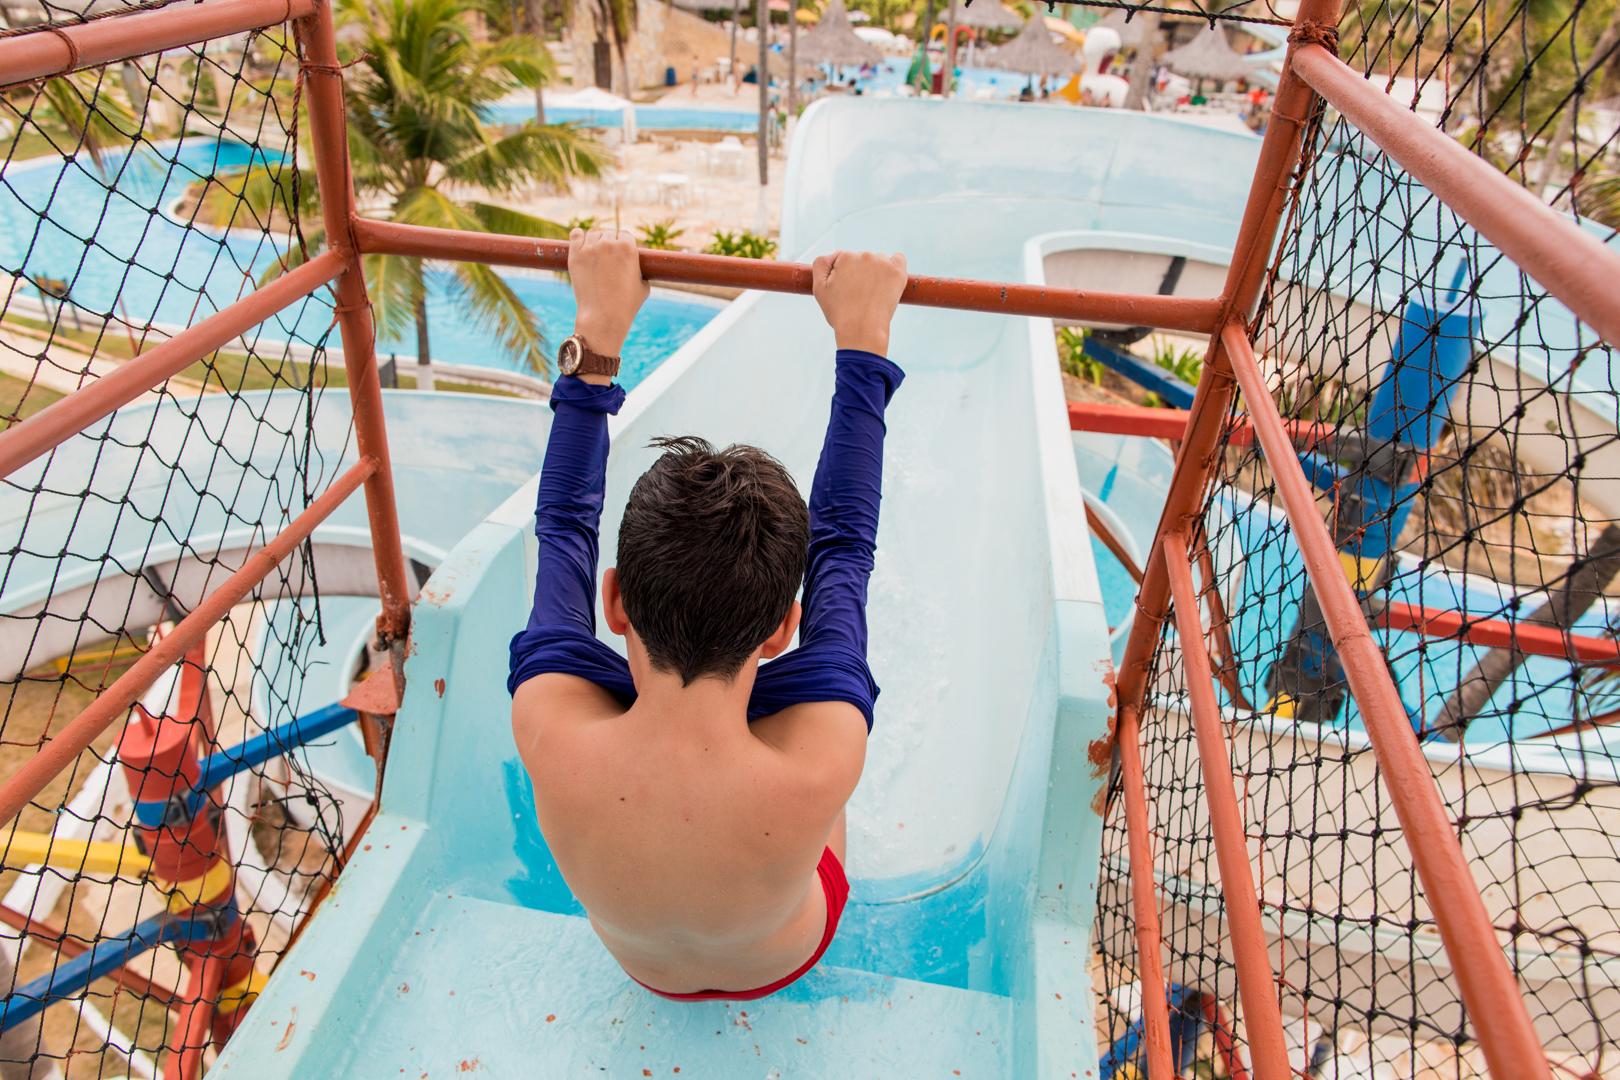 Fevereiro a Junho (check in todos os dias) com 2 diárias em Apartamento Jardim/Parque com All Inclusive para 2 adultos e 1 criança de até 10 anos de R$1.558 por R$1.161